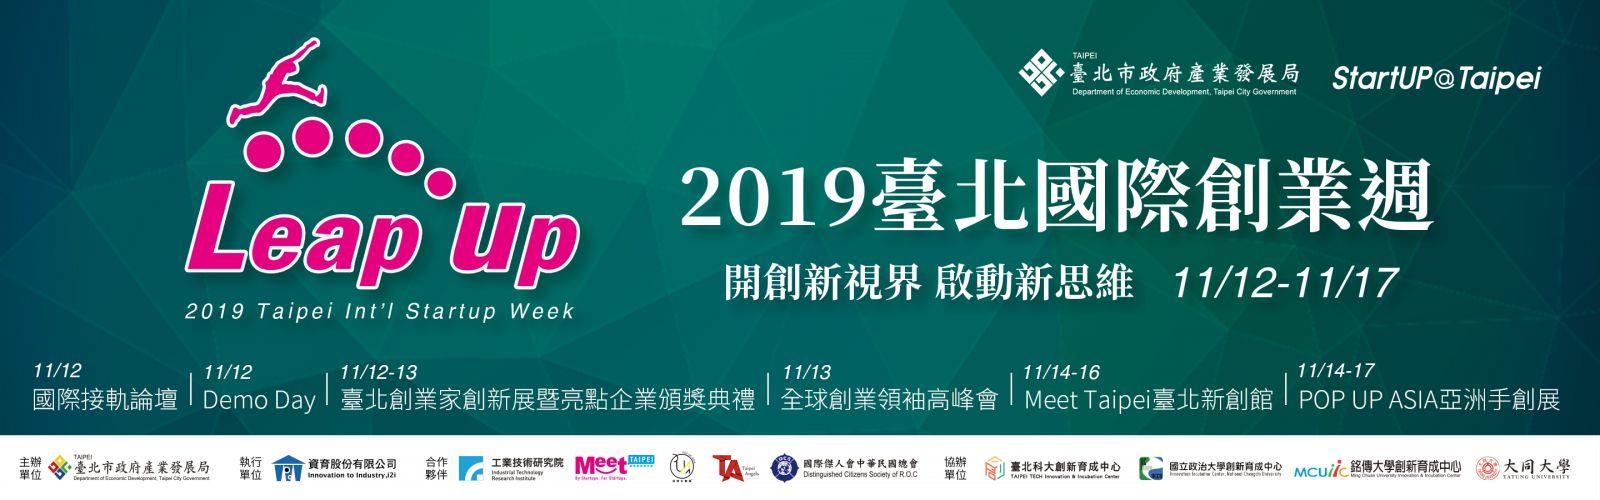 2019 Taipei Int'l Startup Week 11/13 StartUP@Taipei Demo DayImage